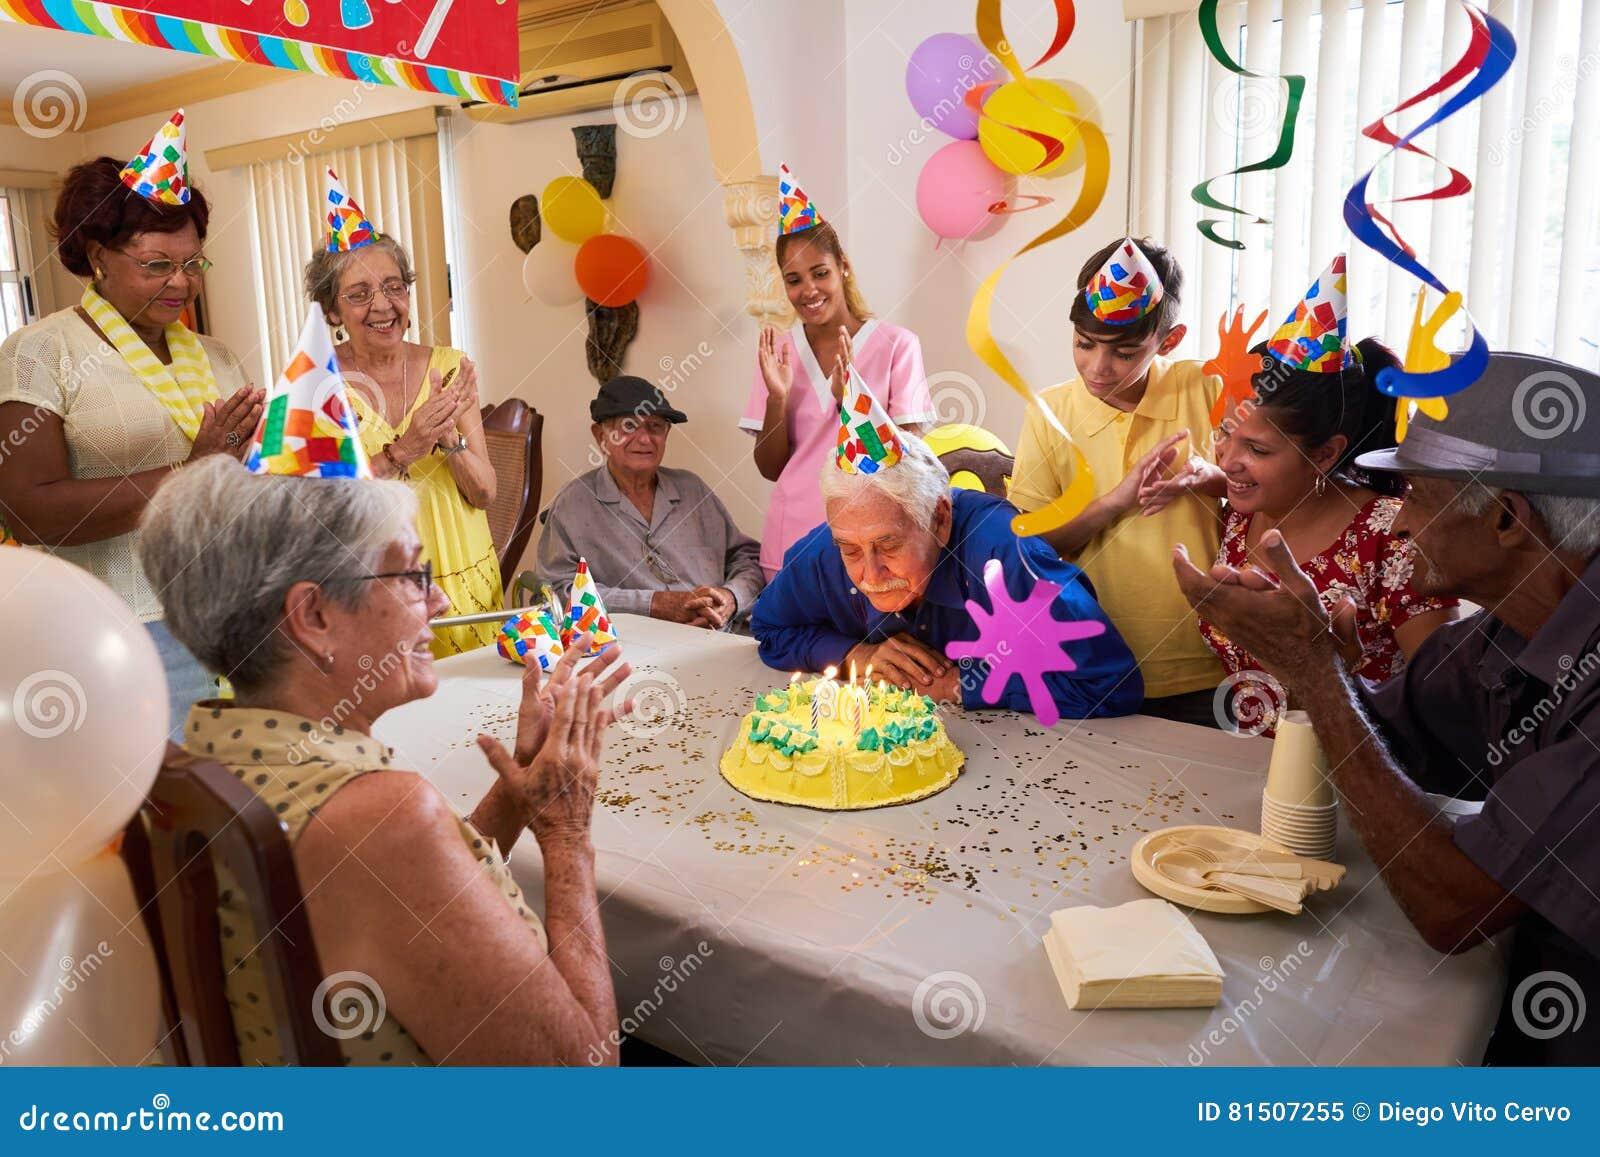 Reuni n de familia para la celebraci n de la fiesta de - Fiesta de cumpleanos en casa para ninos ...